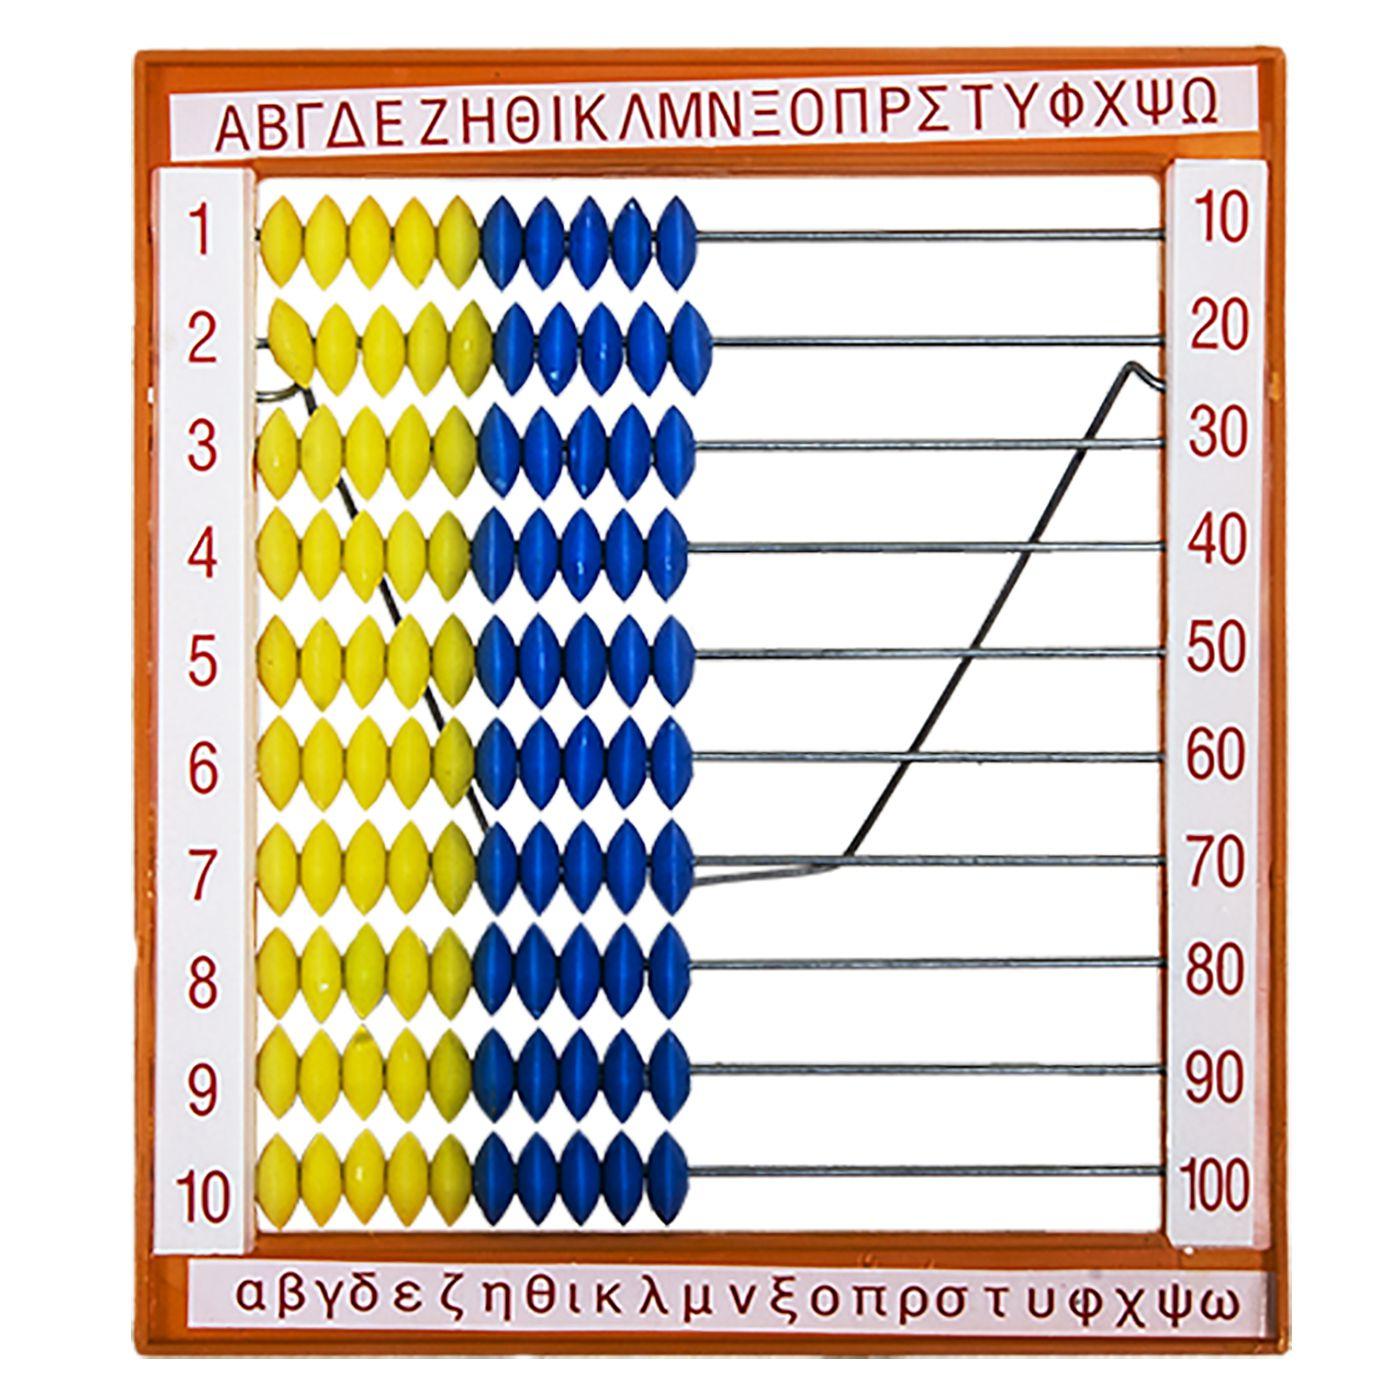 ΑΡΙΘΜΗΤΗΡΙΟ 20x18cm